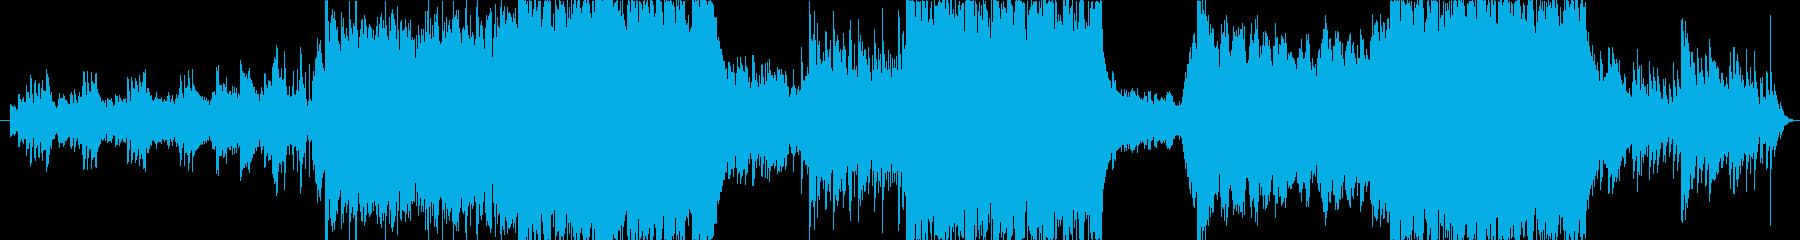 ヴァイオリンの感動的なシネマワルツ楽曲の再生済みの波形